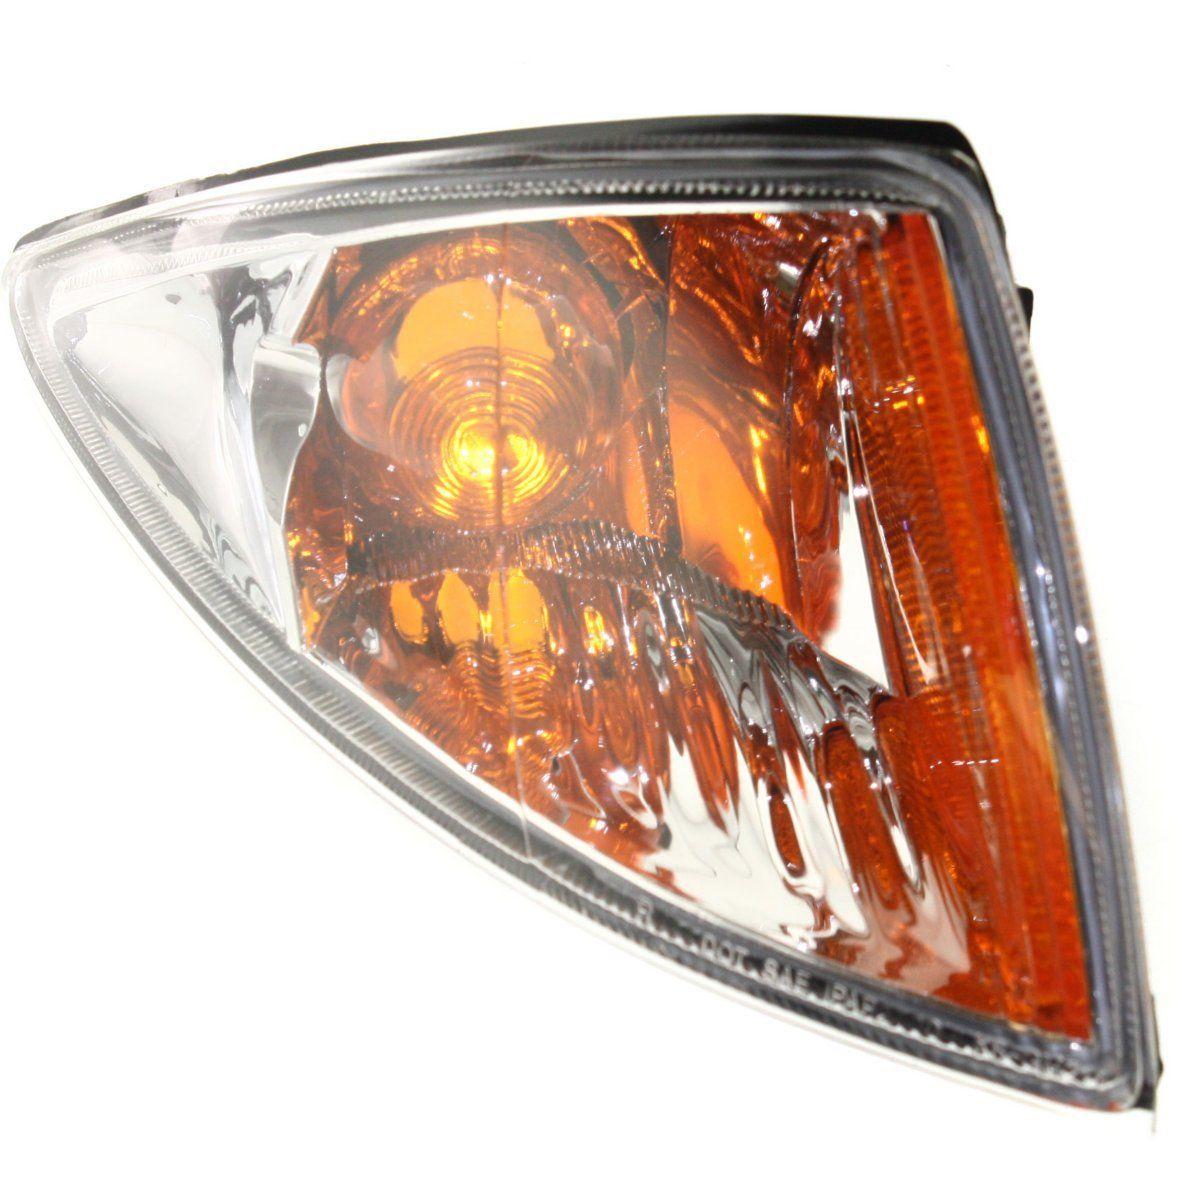 コーナーライト Corner Light For 2000-2003 Chevrolet Cavalier Passenger Side Incandescent 2000-2003シボレー・キャバリア・パッセンジャーサイド白熱灯のコーナーライト